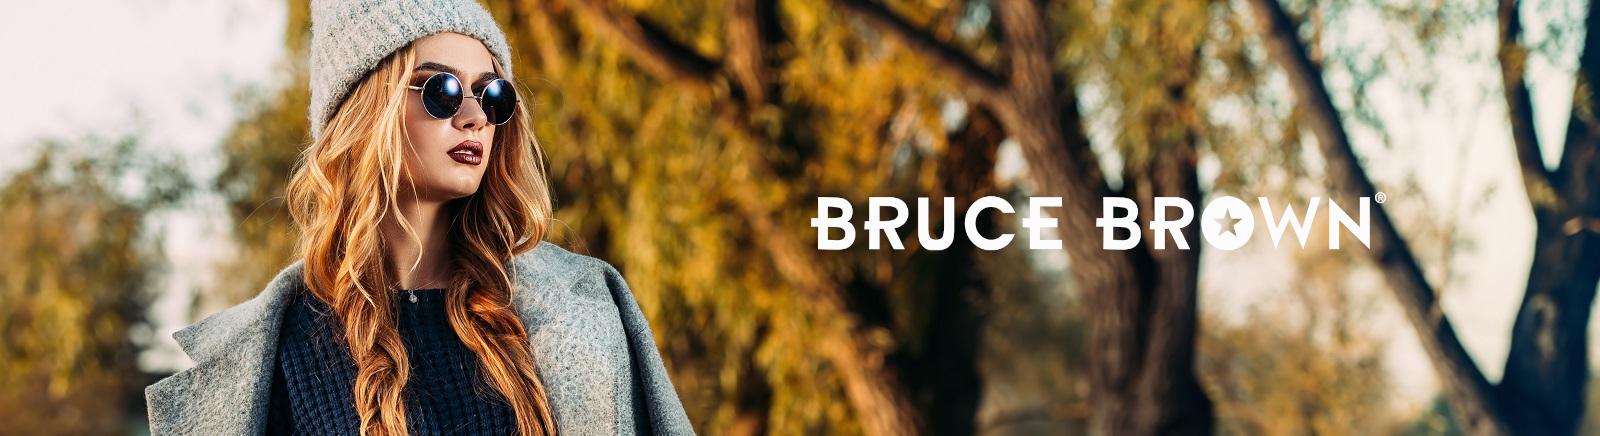 Bruce Brown Kinderschuhe online kaufen im Shop von Prange